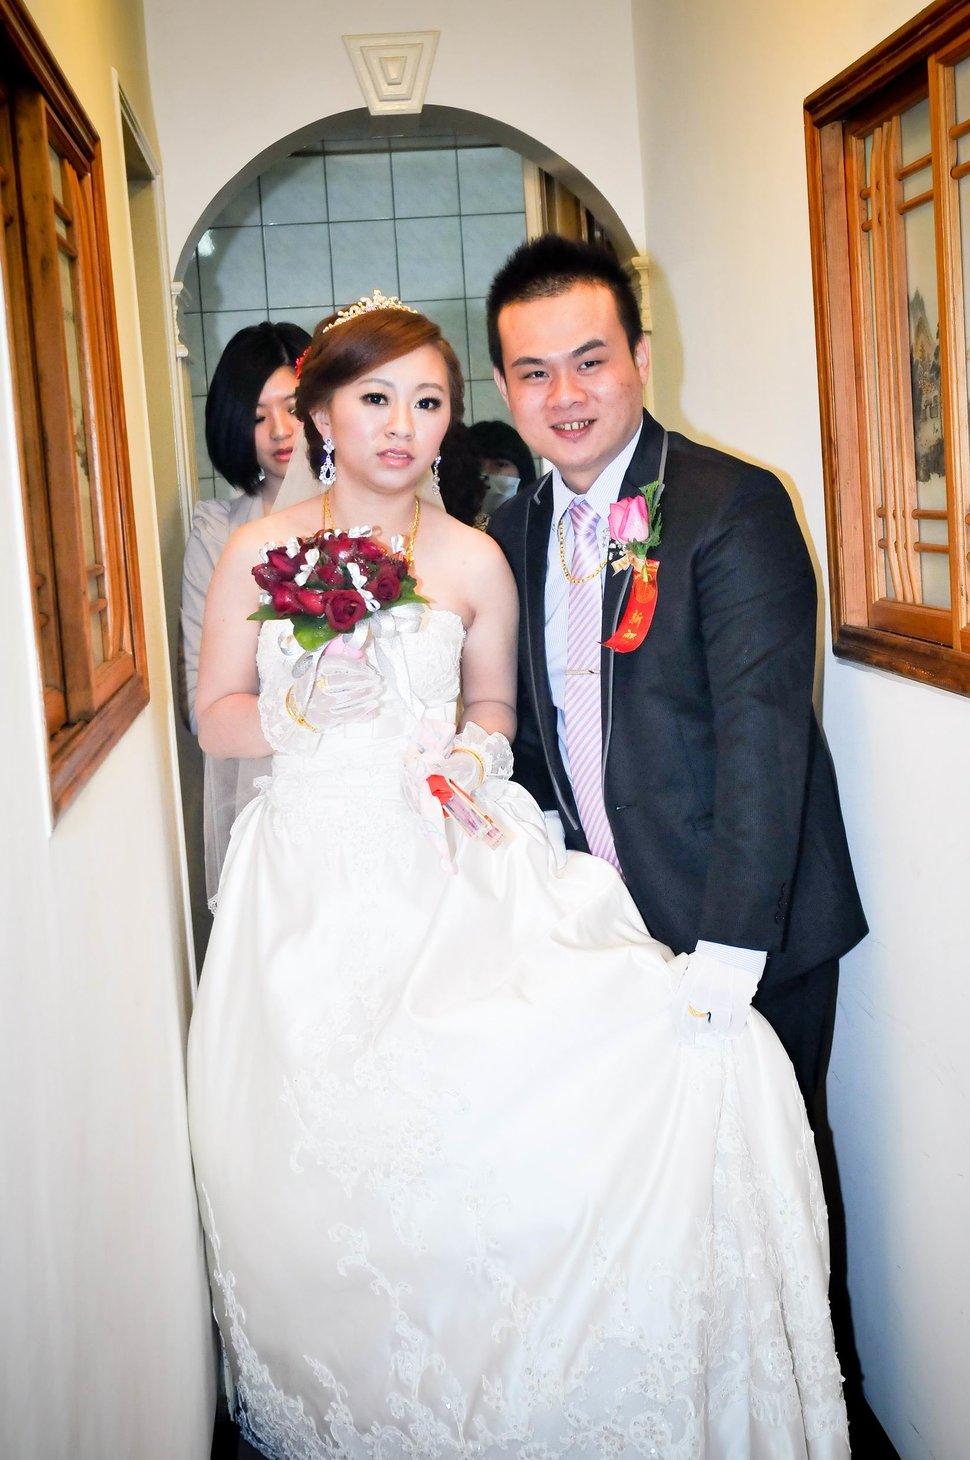 海產大王文定結婚儀式迎娶晚宴婚禮結婚儀式午宴婚禮記錄動態微電影錄影專業錄影平面攝影婚攝婚禮主持人(編號:303368) - 蜜月拍照10800錄影12800攝影團隊 - 結婚吧